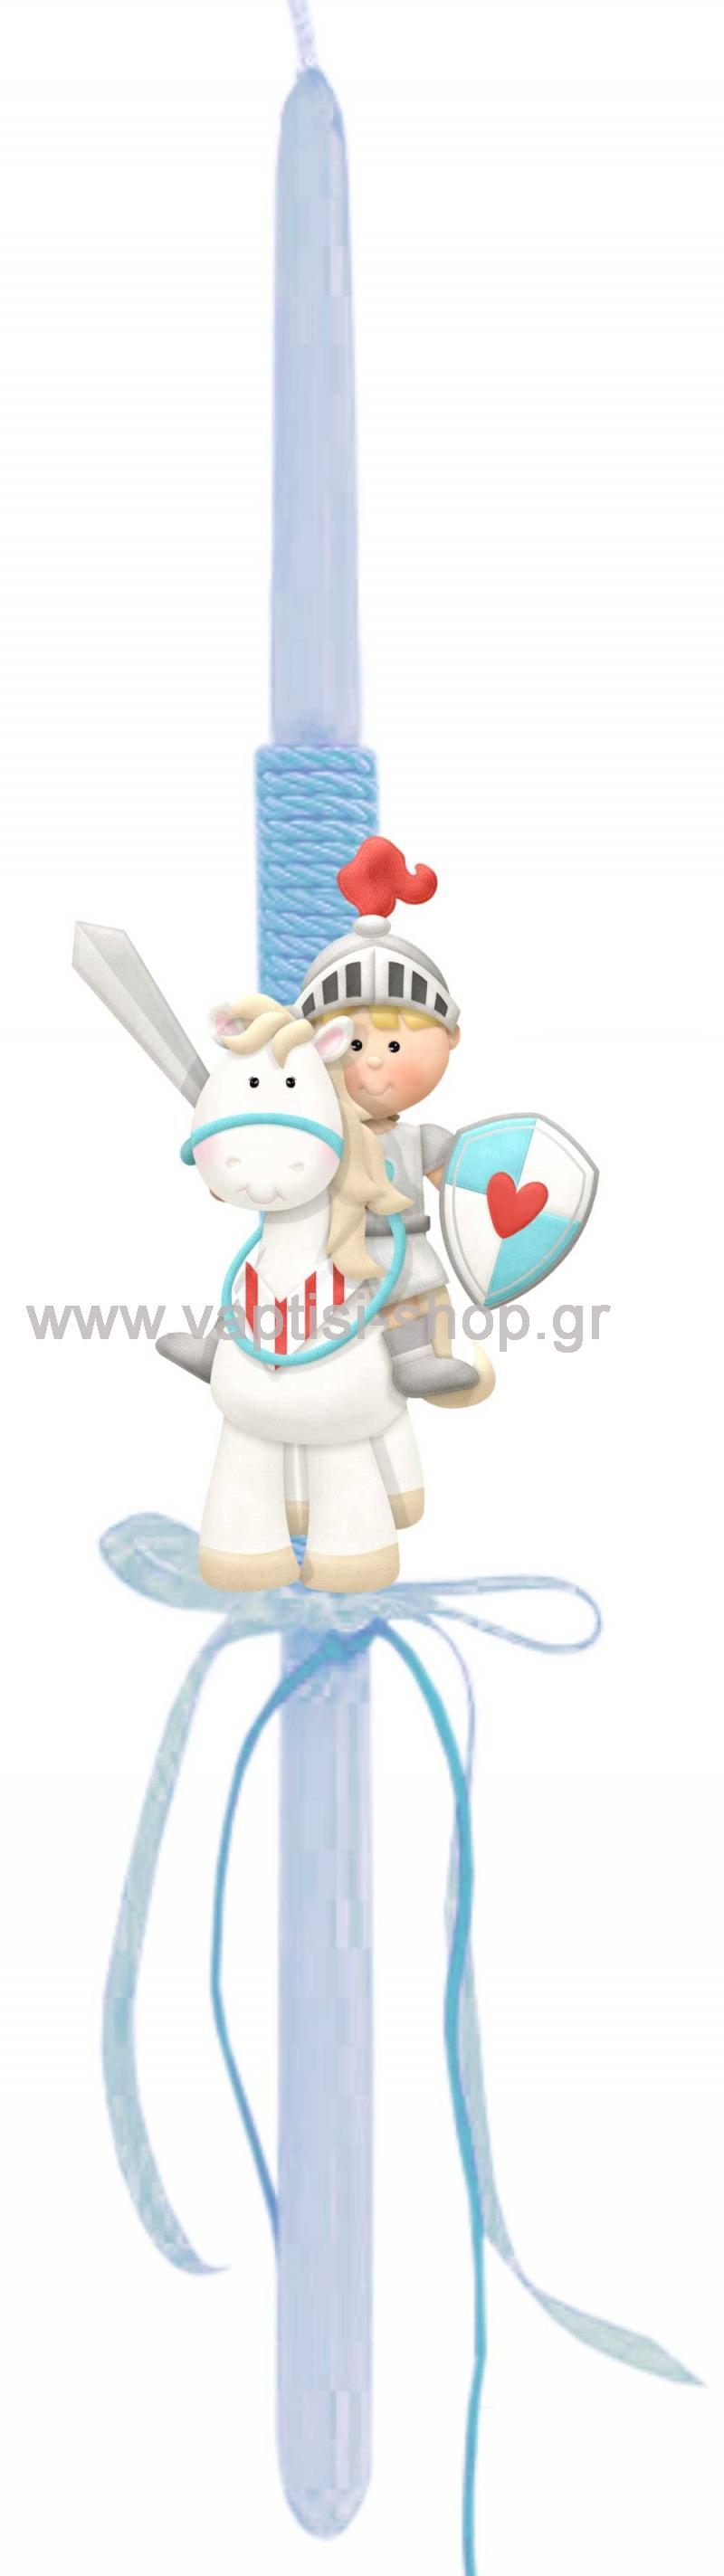 Πασχαλινή Λαμπάδα Ιππότης με αλογάκι